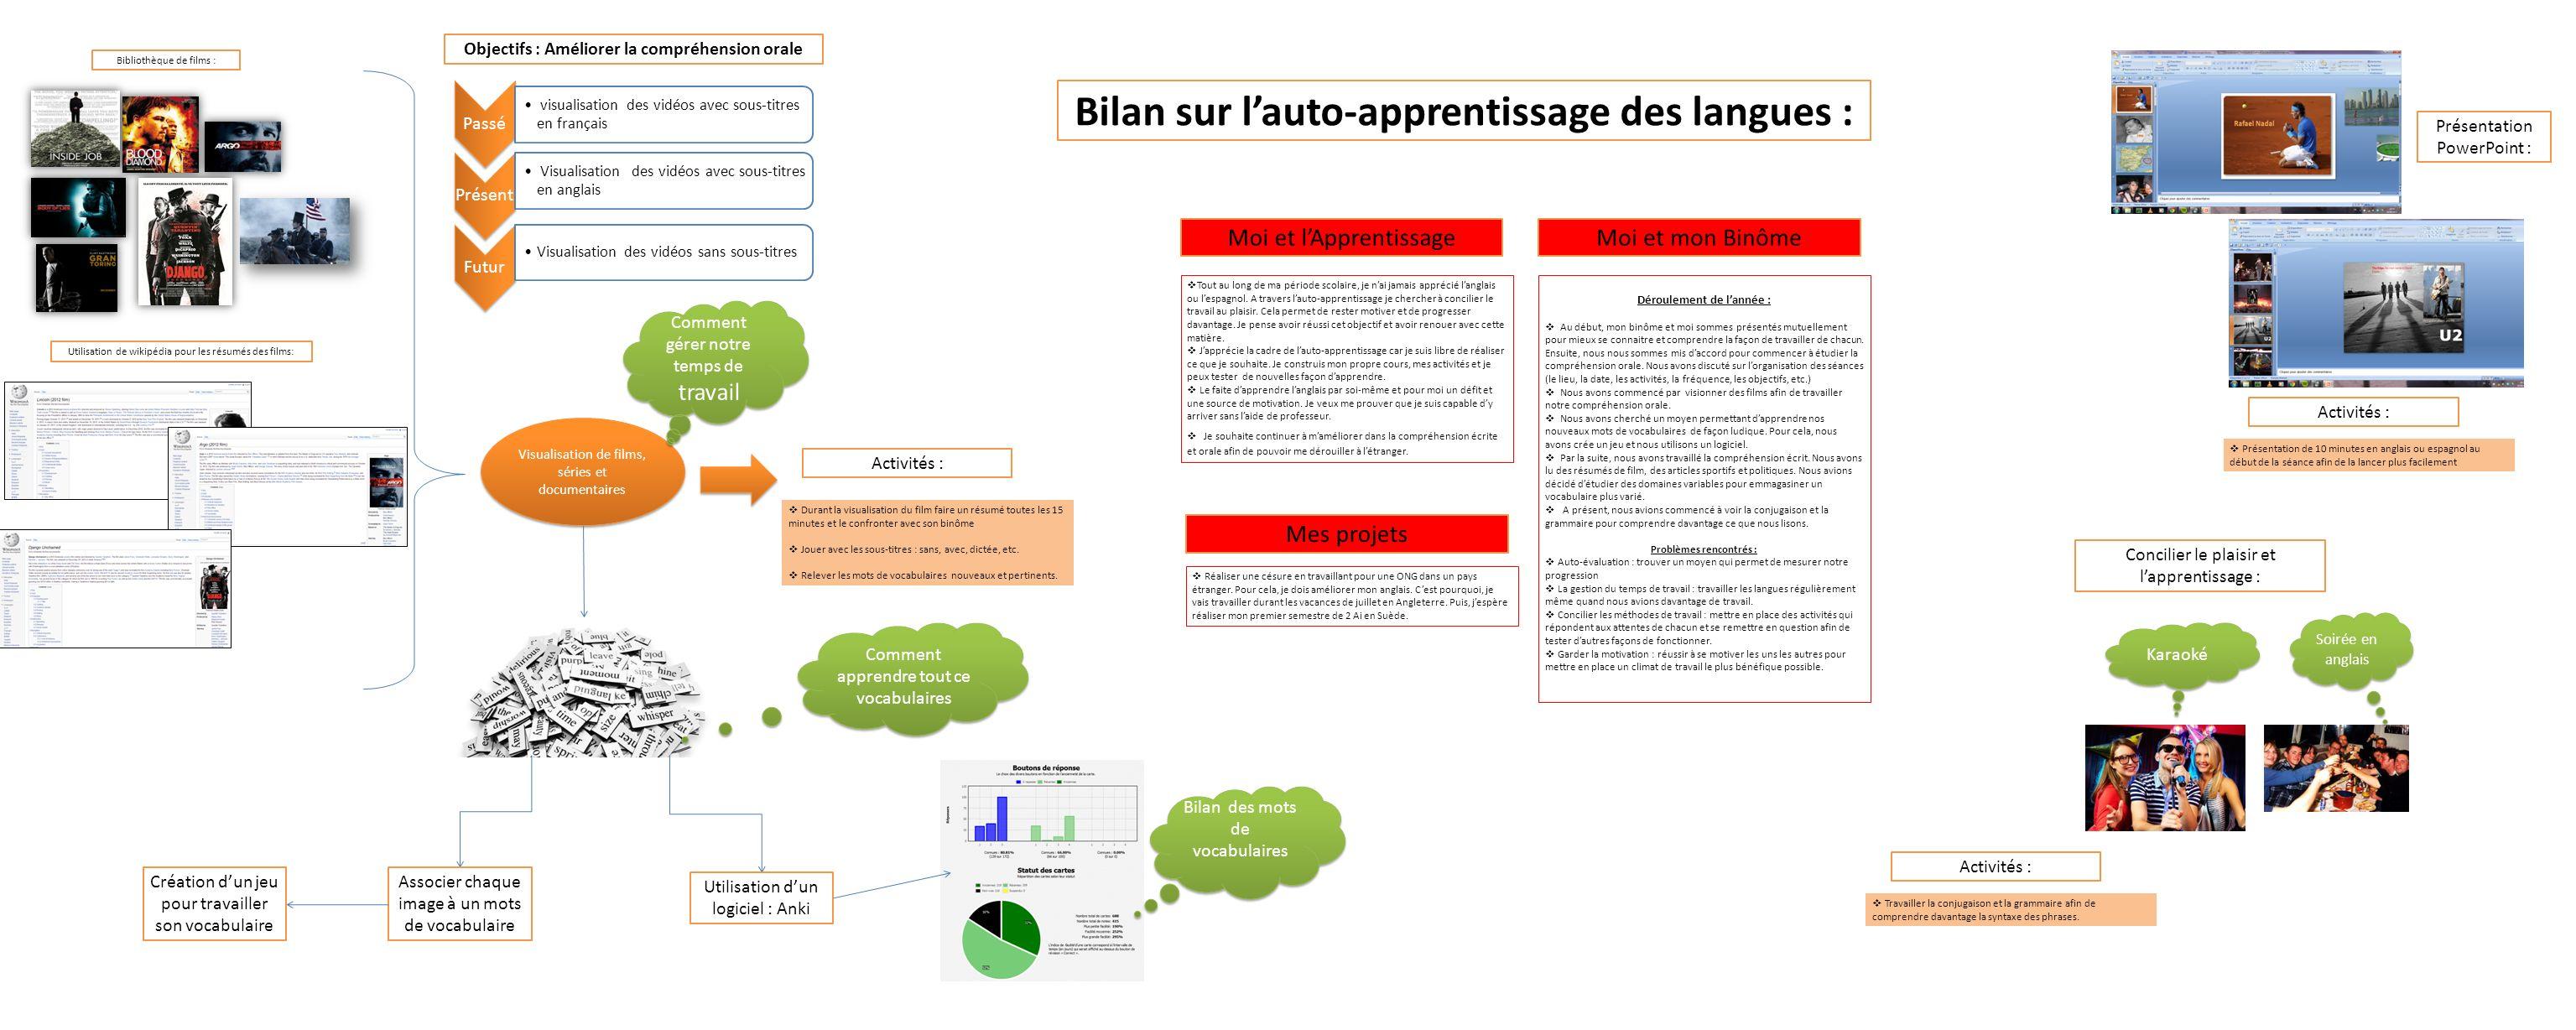 Objectifs : Améliorer la compréhension orale Bibliothèque de films : Utilisation de wikipédia pour les résumés des films: Visualisation de films, séri